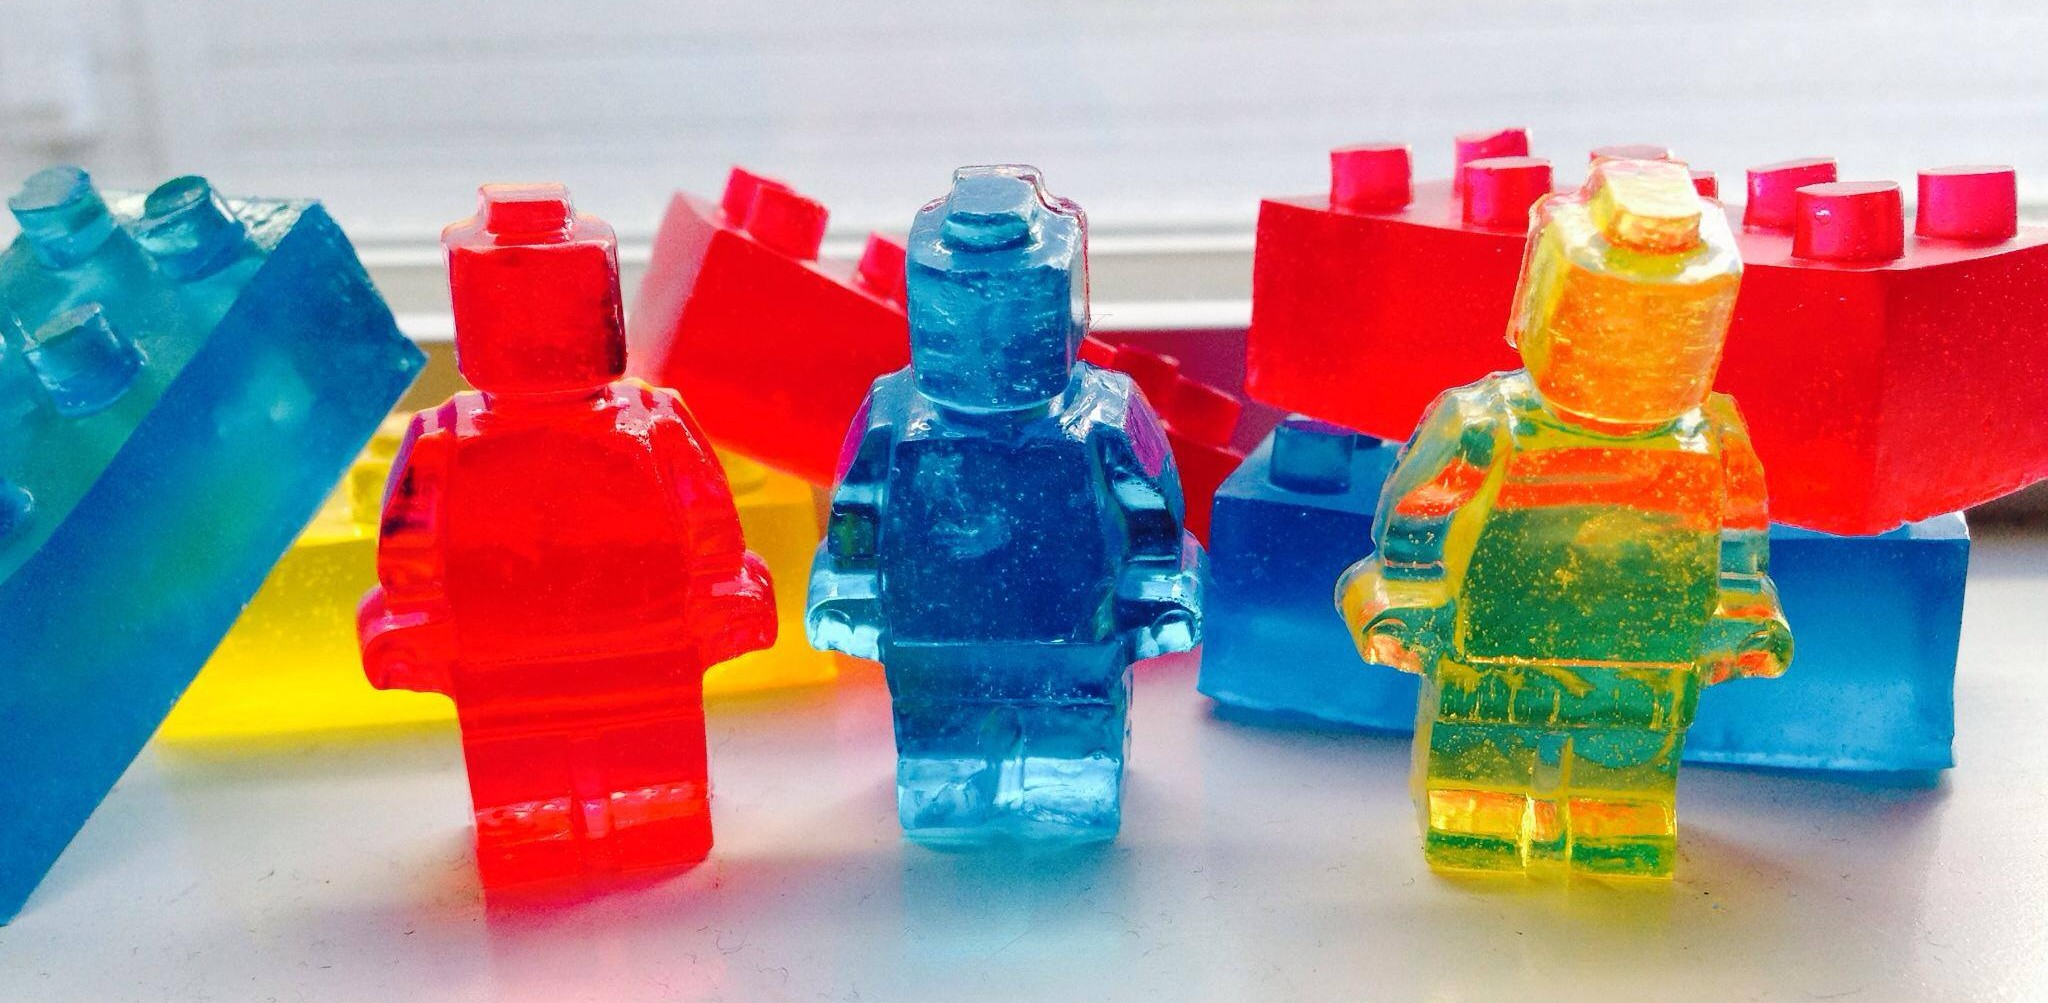 Aprenda como preparar uma gelatina de Lego